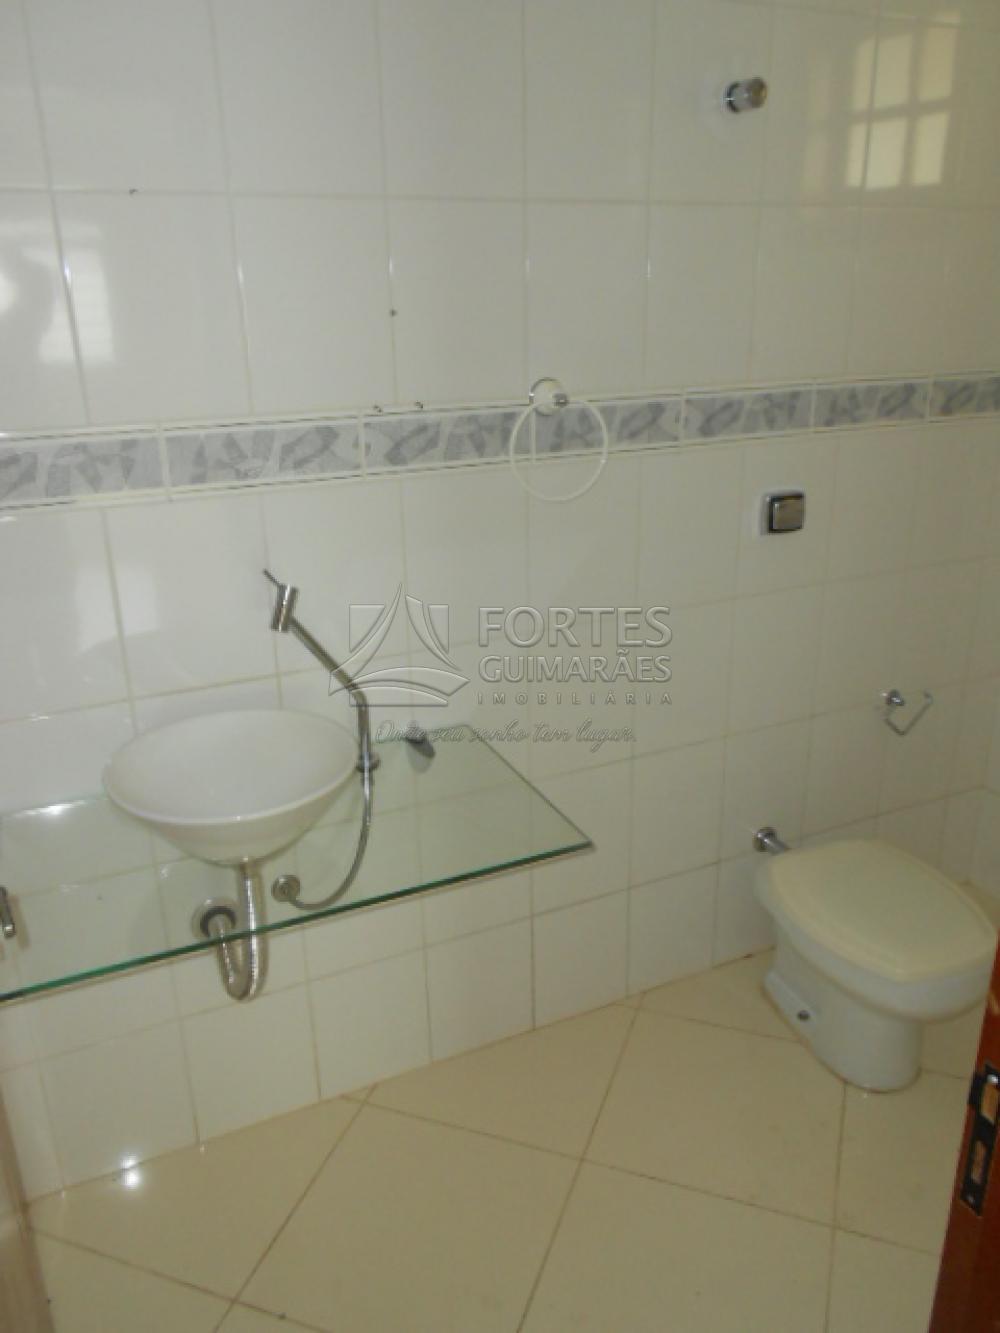 Alugar Casas / Padrão em Ribeirão Preto apenas R$ 12.000,00 - Foto 16